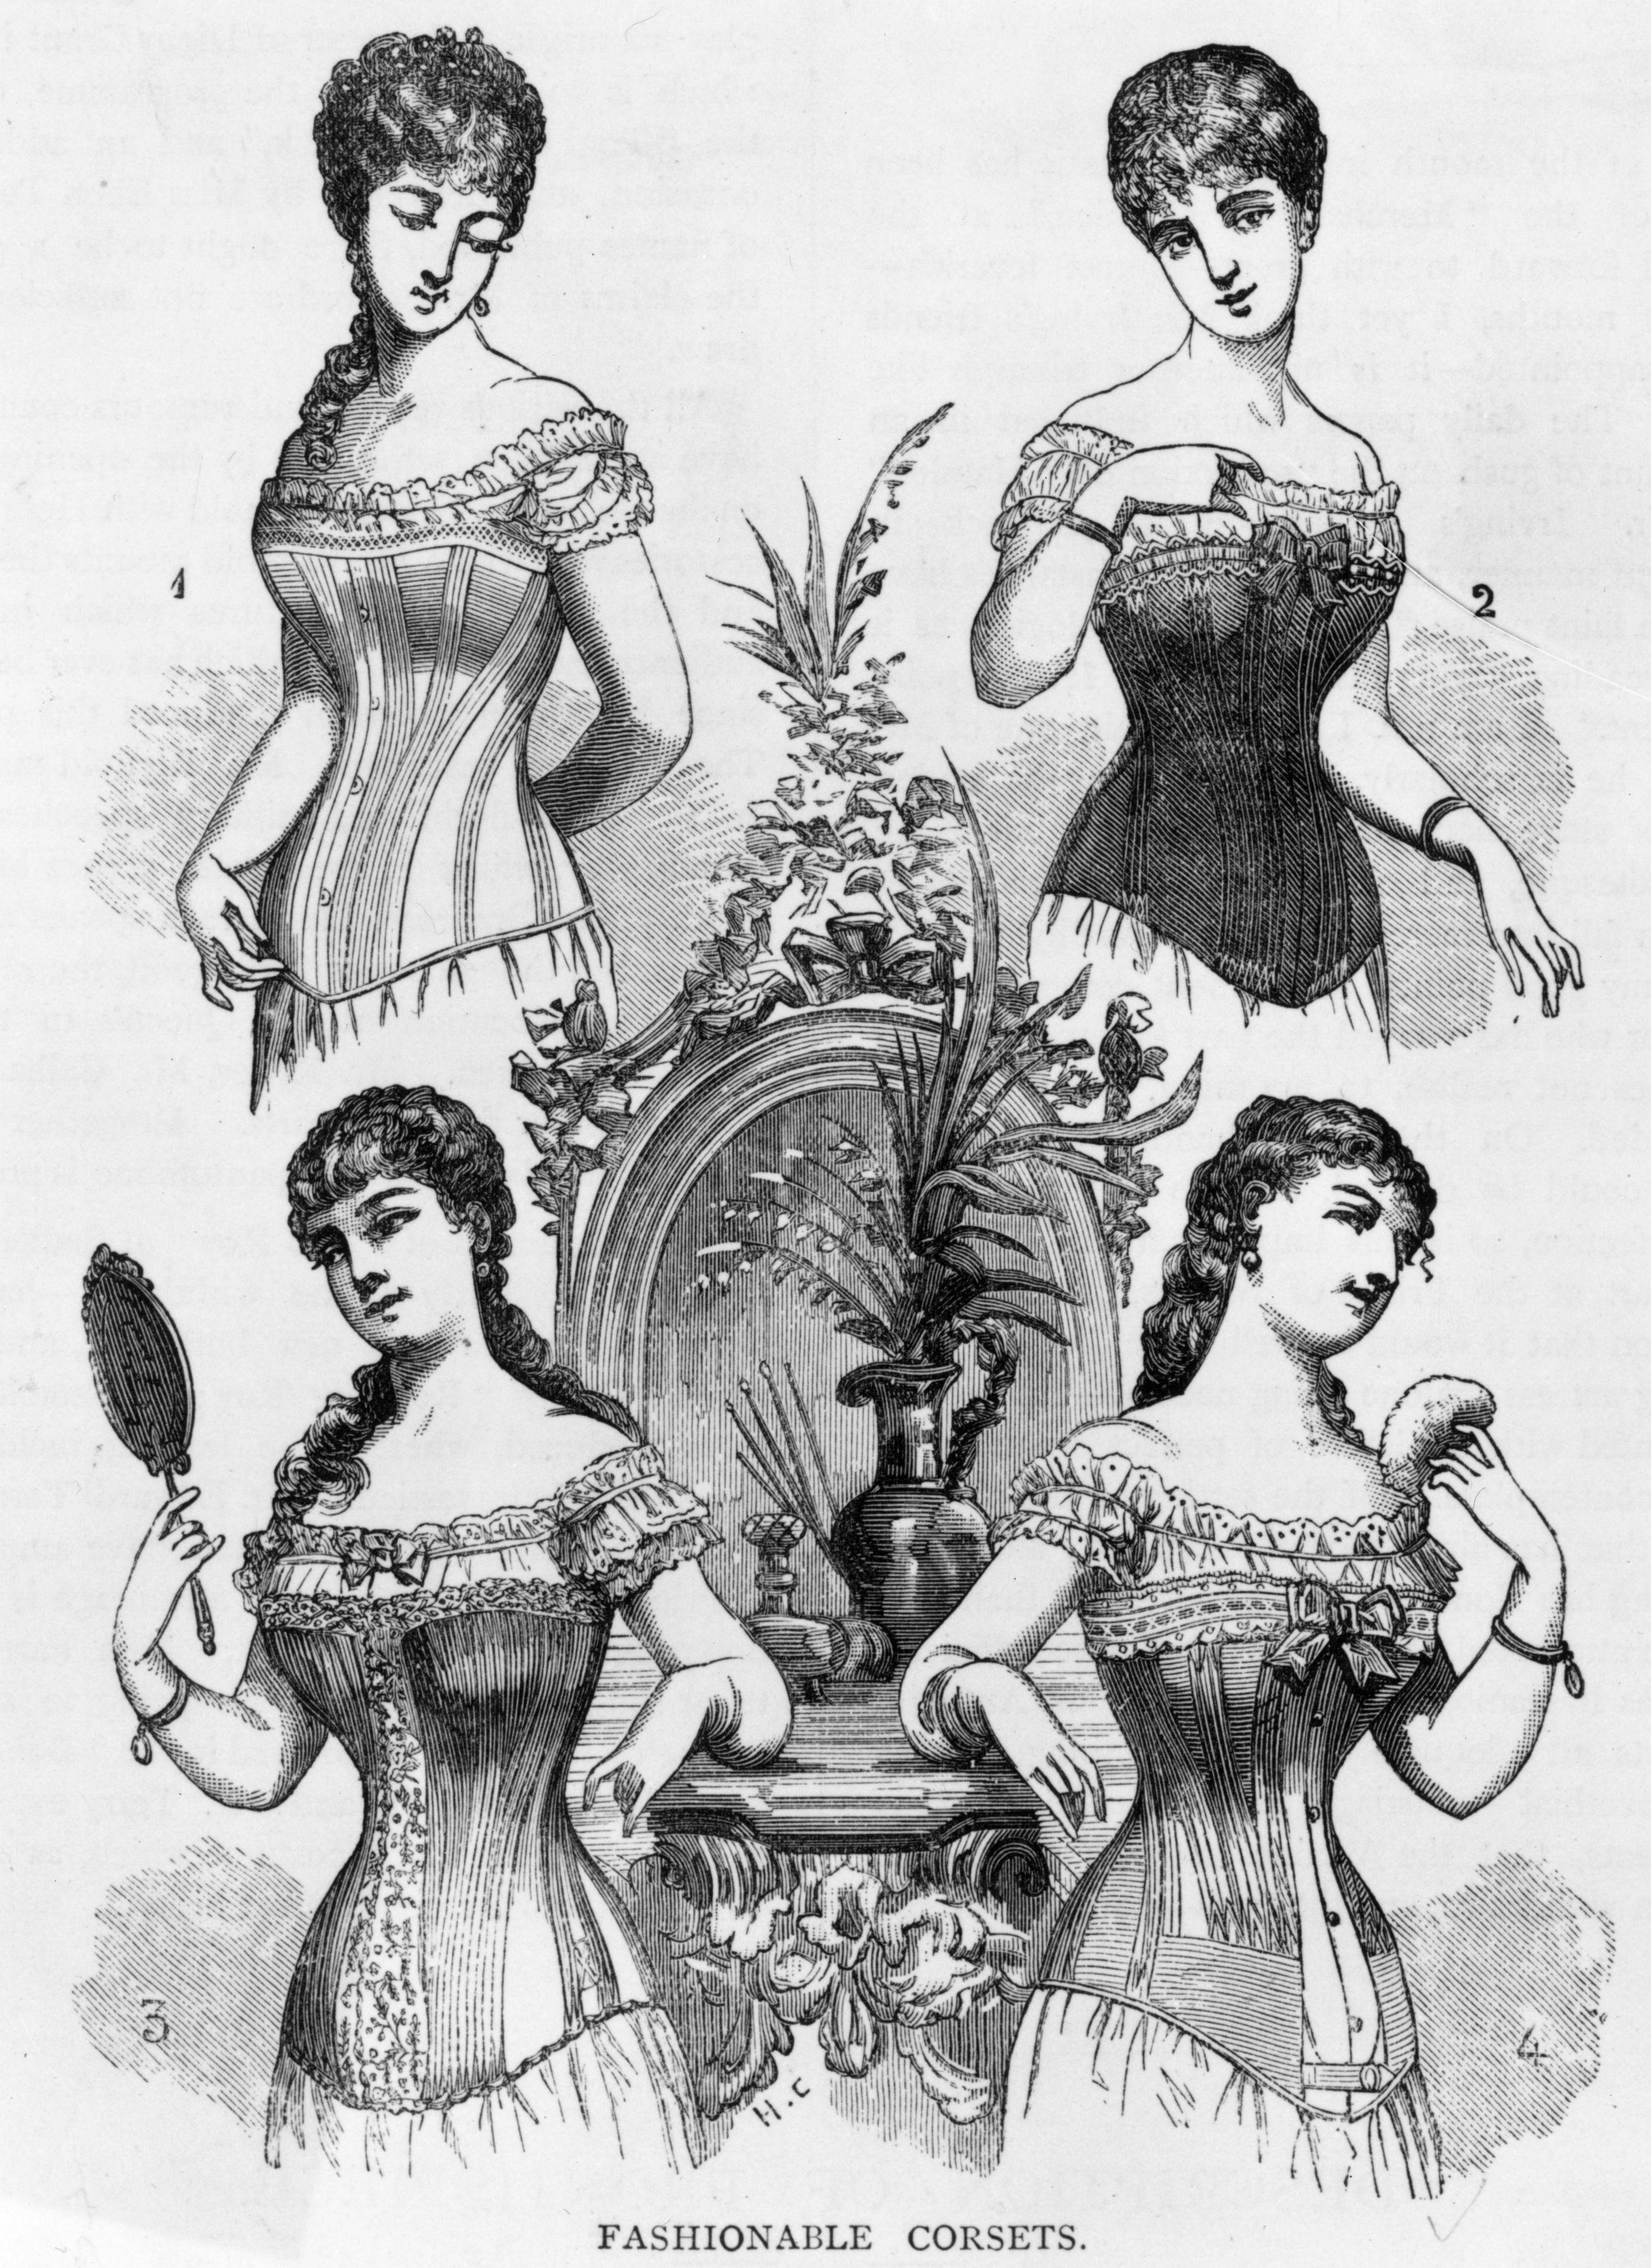 Корсетът и припадъците. Да, дамите в Европа получавали чести припадъци, поради недостиг на кислород, причинен от пристегнатите корсети. Допълнително - те причинявали деформации на гръдния кош.